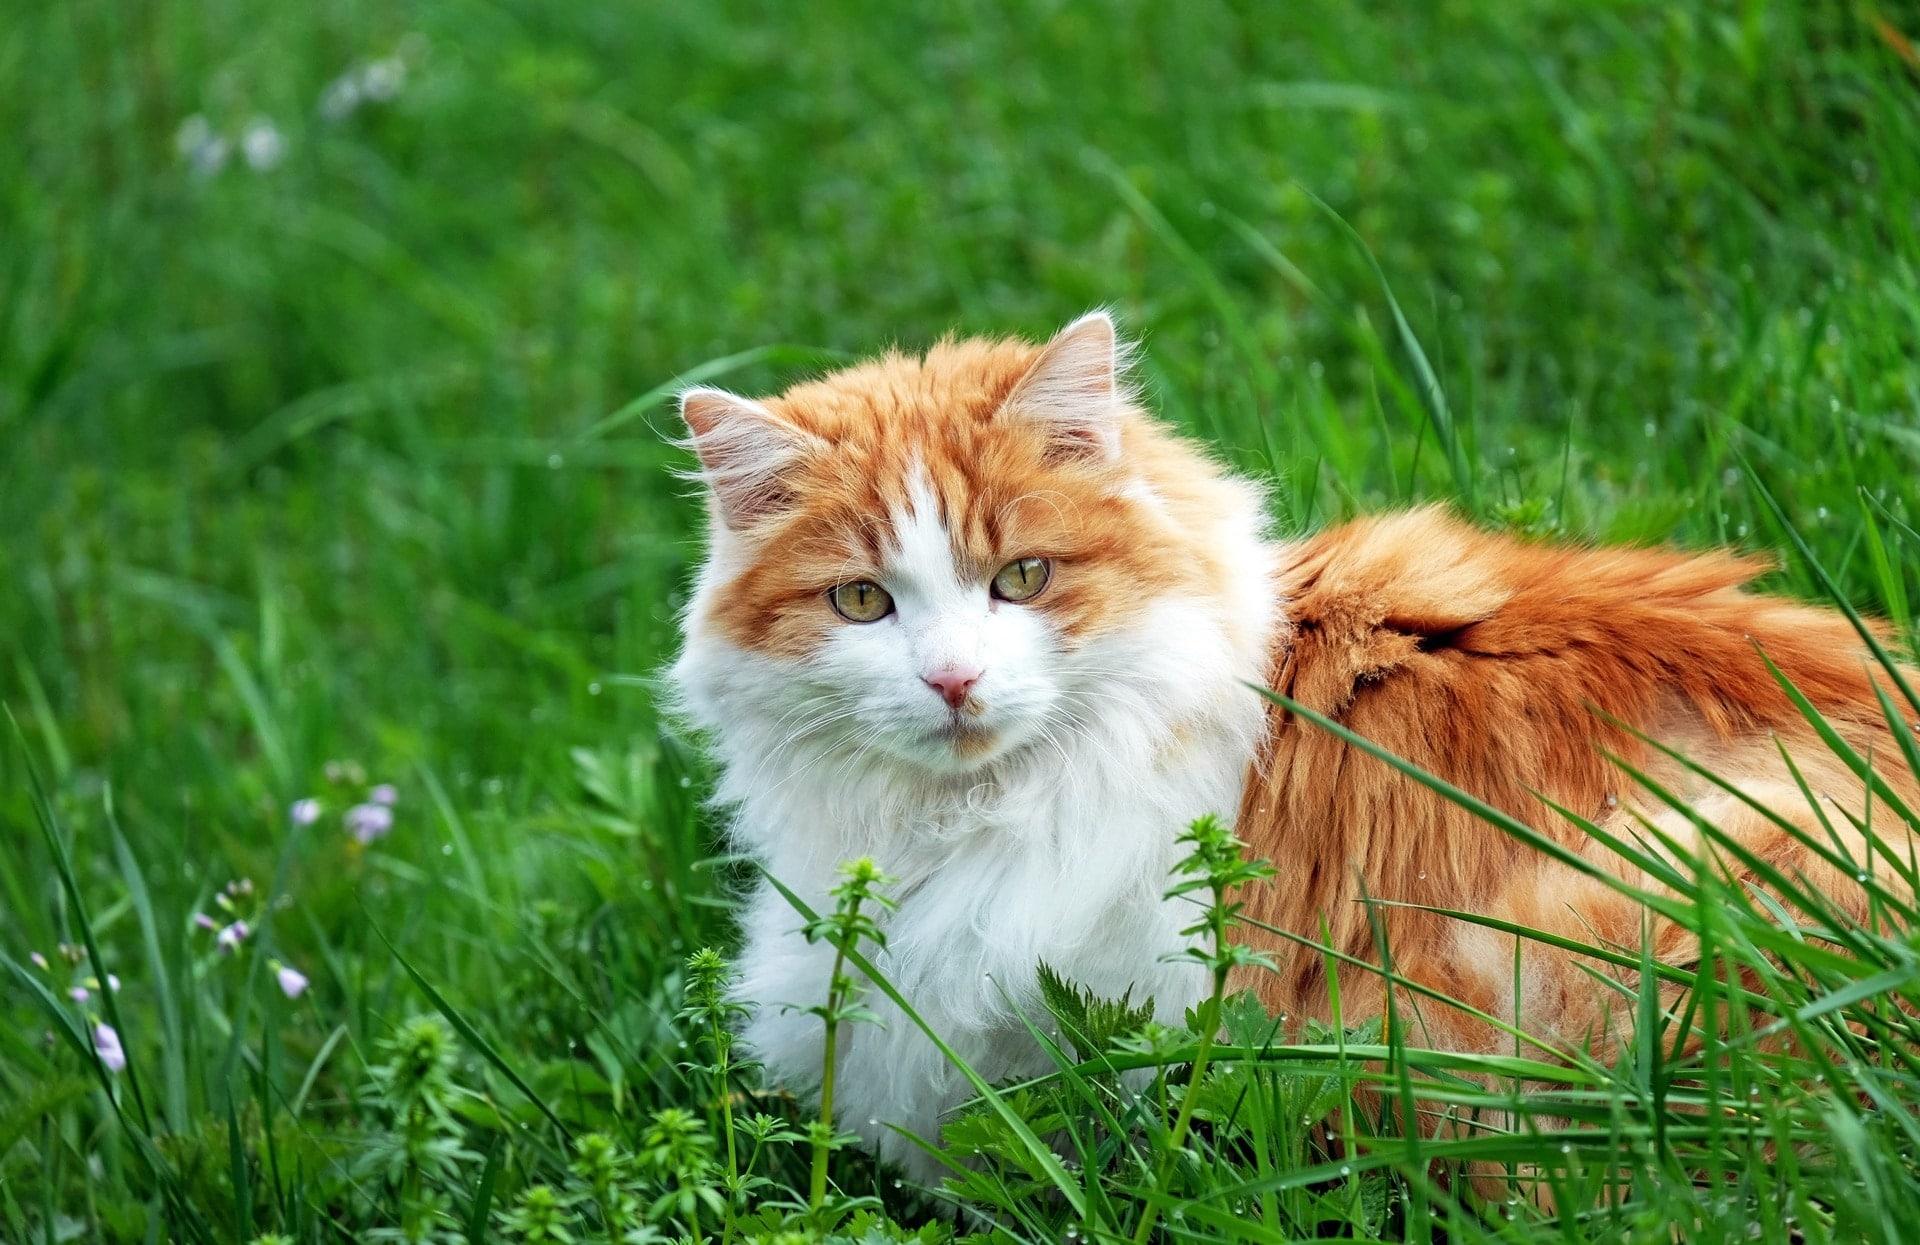 Los gatos pueden ir mucho al jardín